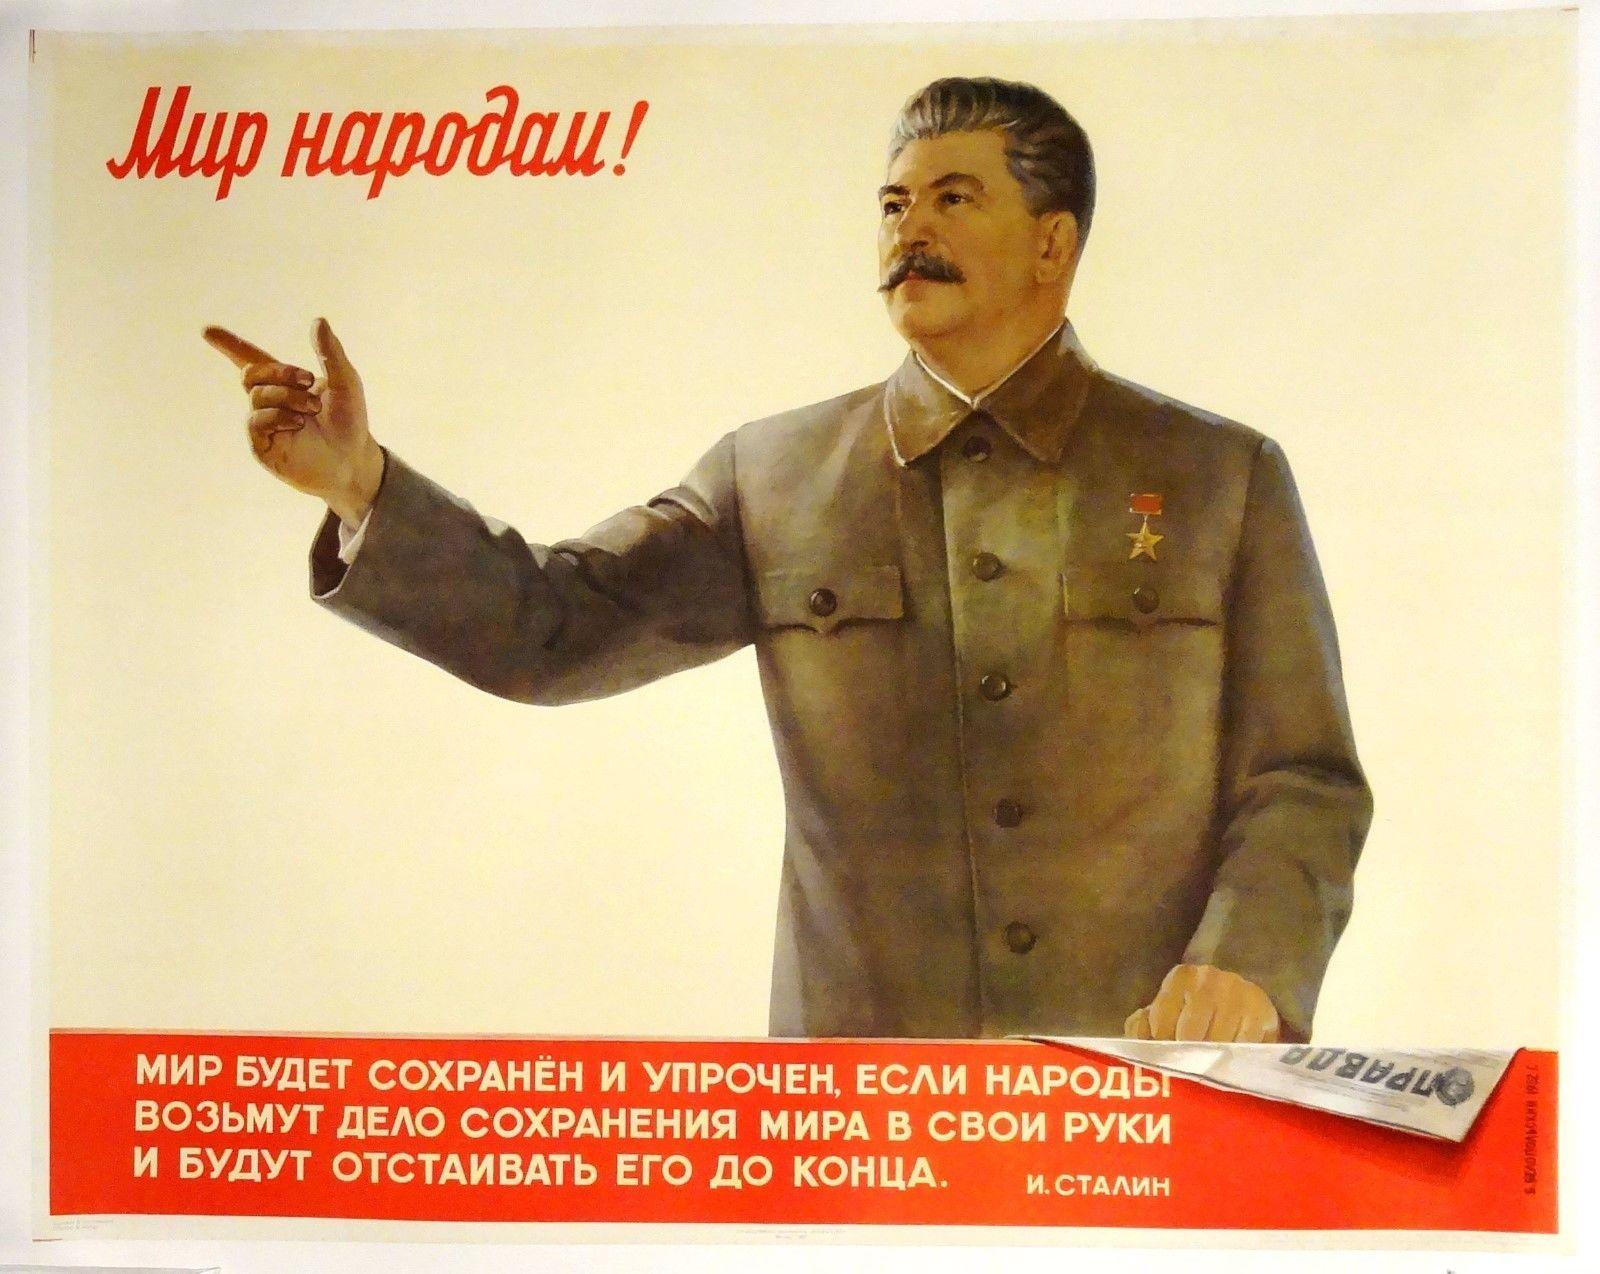 Russian Soviet Original Social Propaganda Poster 1952 Belopolsky | eBay